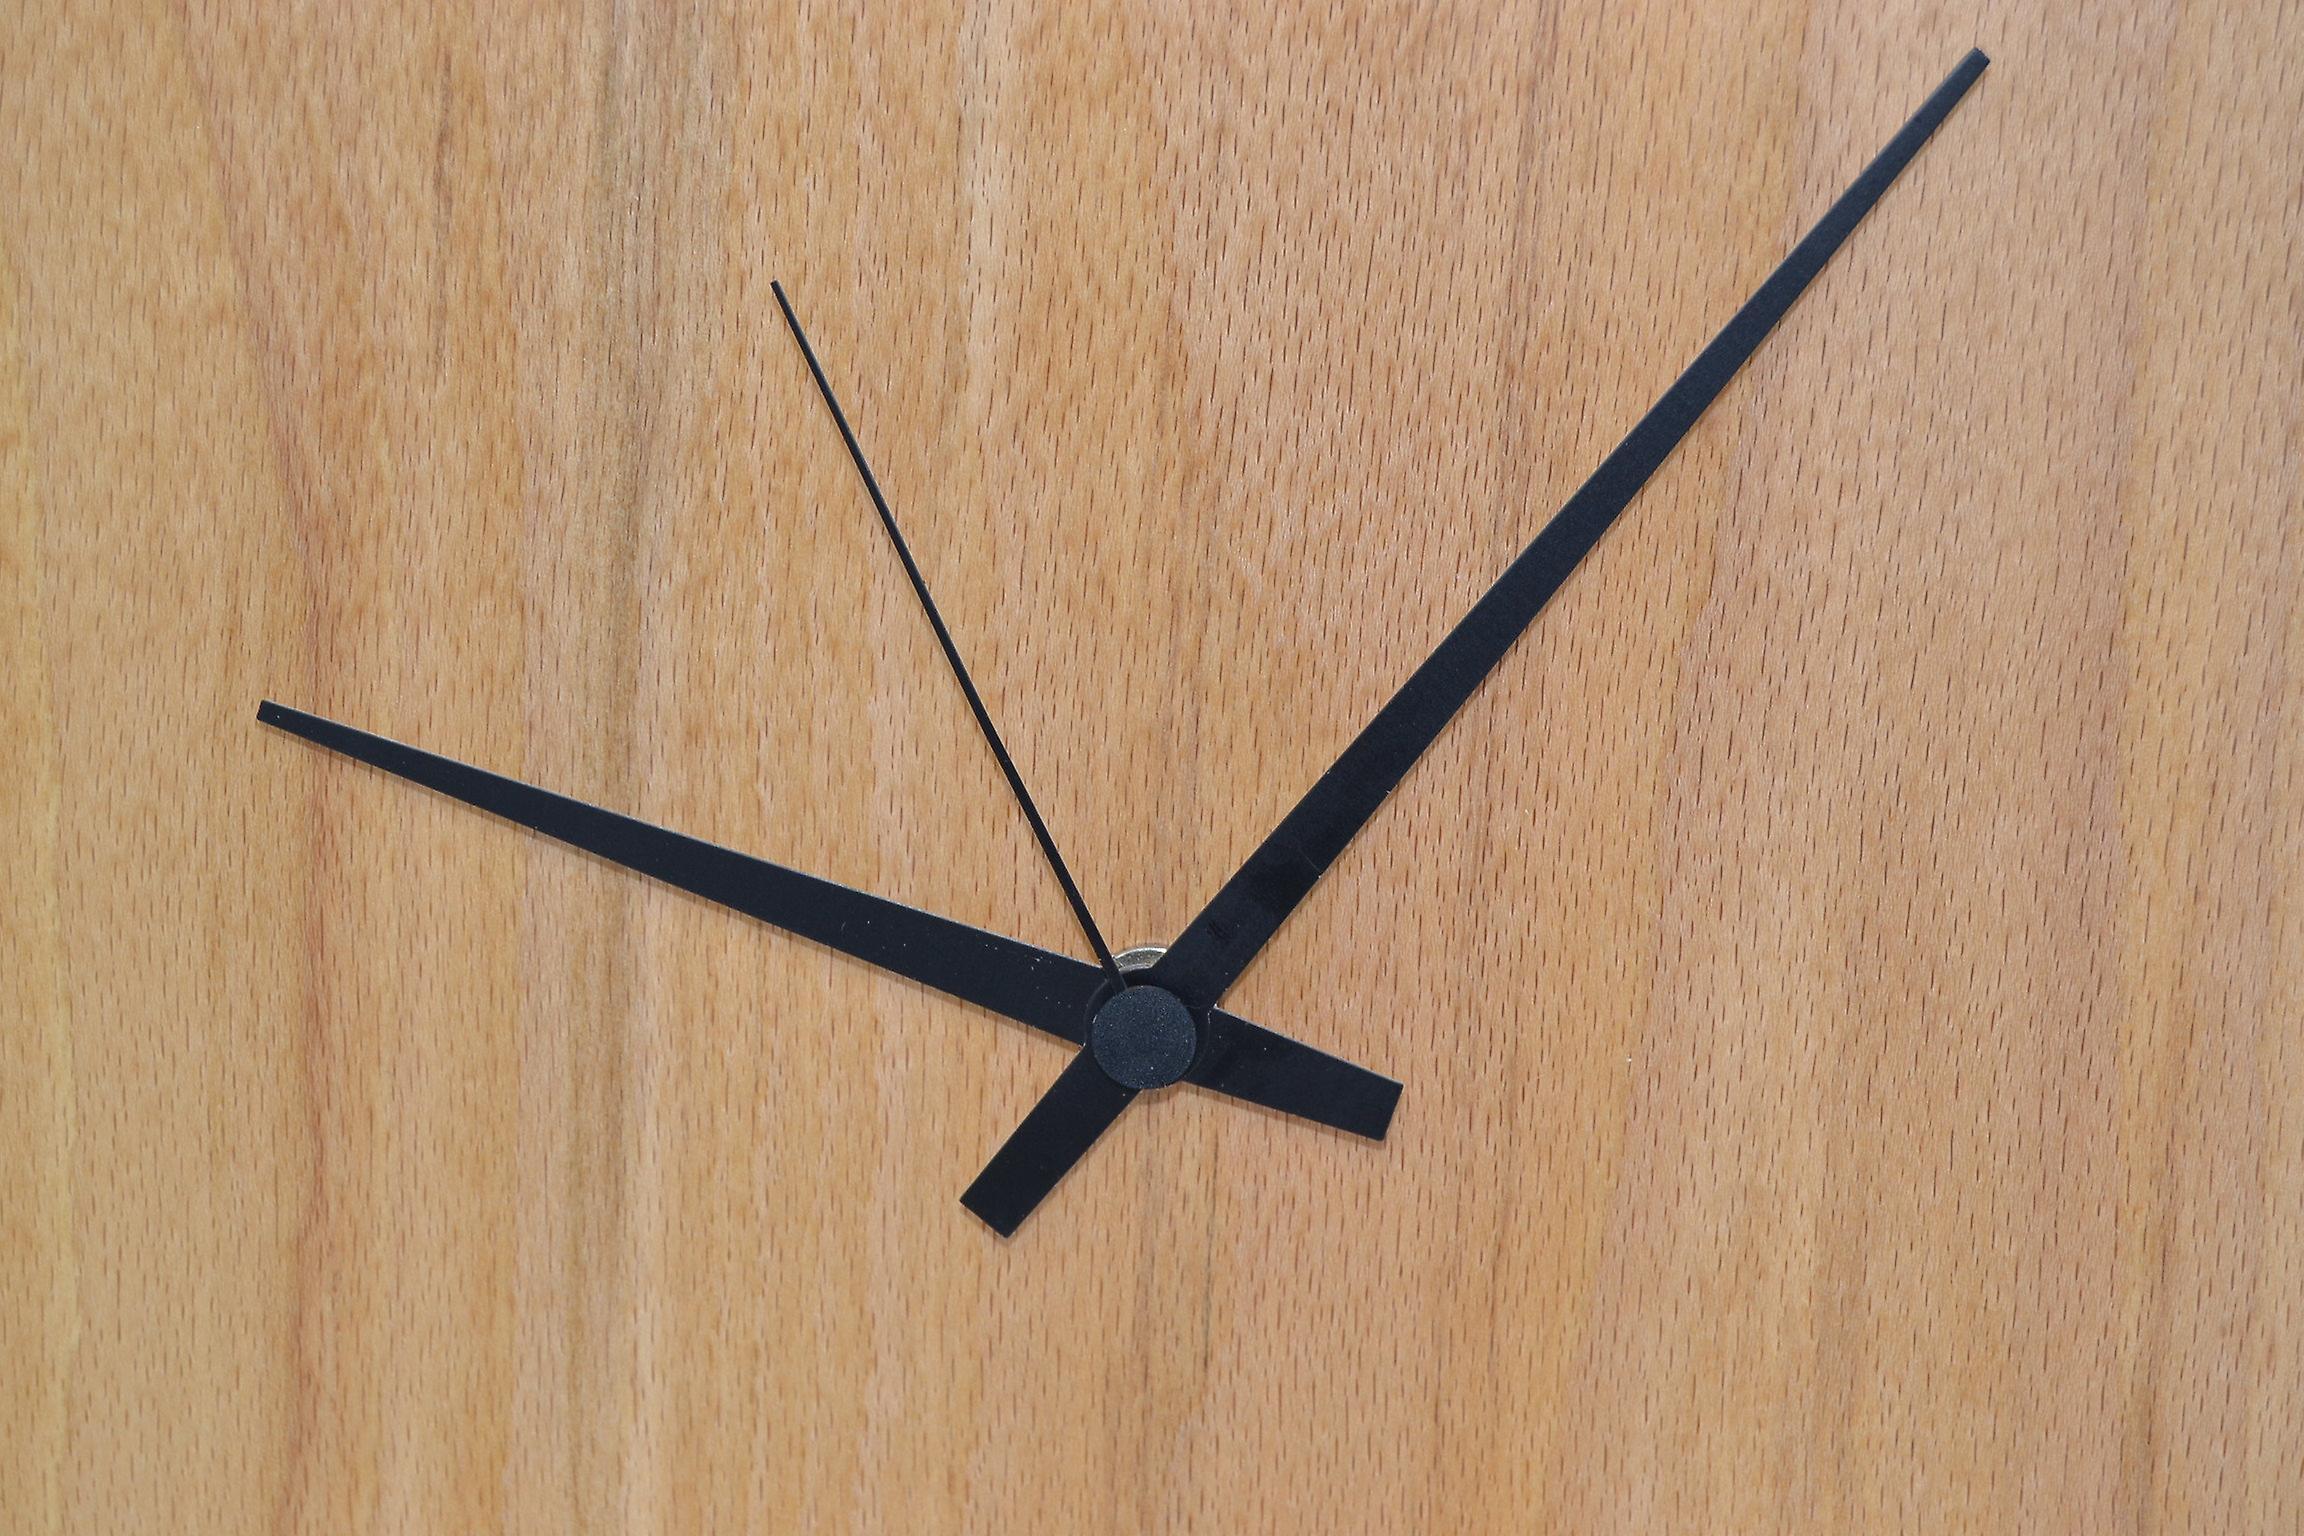 XL Holz Wanduhr Holzuhr Uhr 34 cm Baumscheibe Made in Austria Uhr Buche Junghans Holzuhr Uhr Holzdekoration Holzdeko Deko Geschenk Geschenkidee Unikat handmade Made in Austria